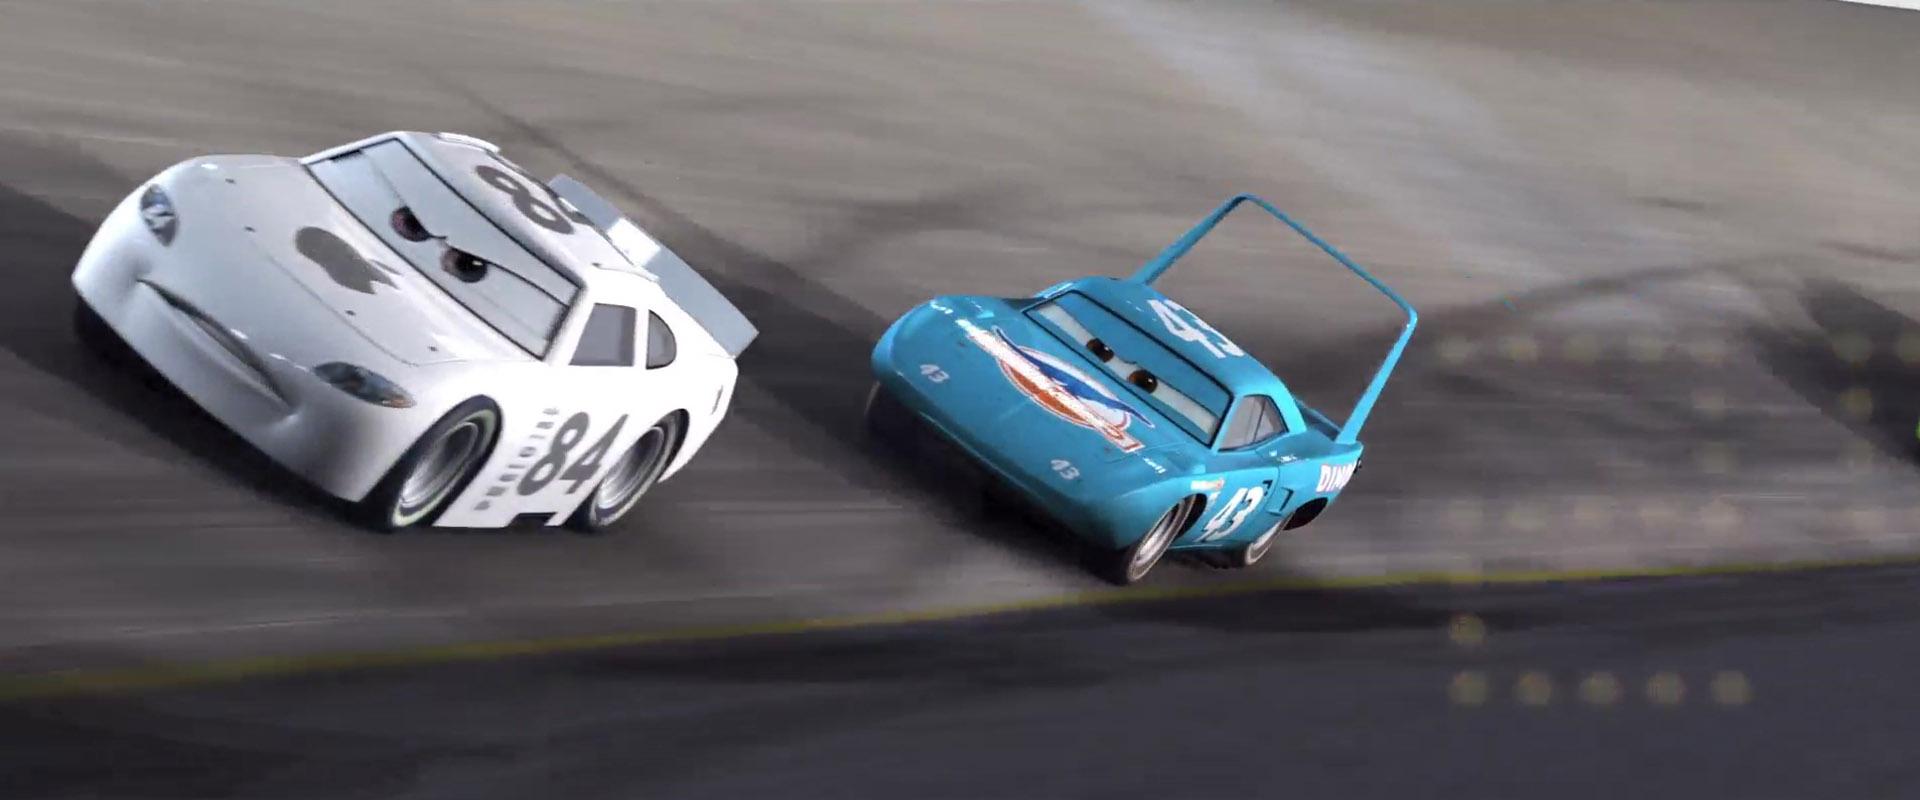 mac icar personnage character pixar disney cars